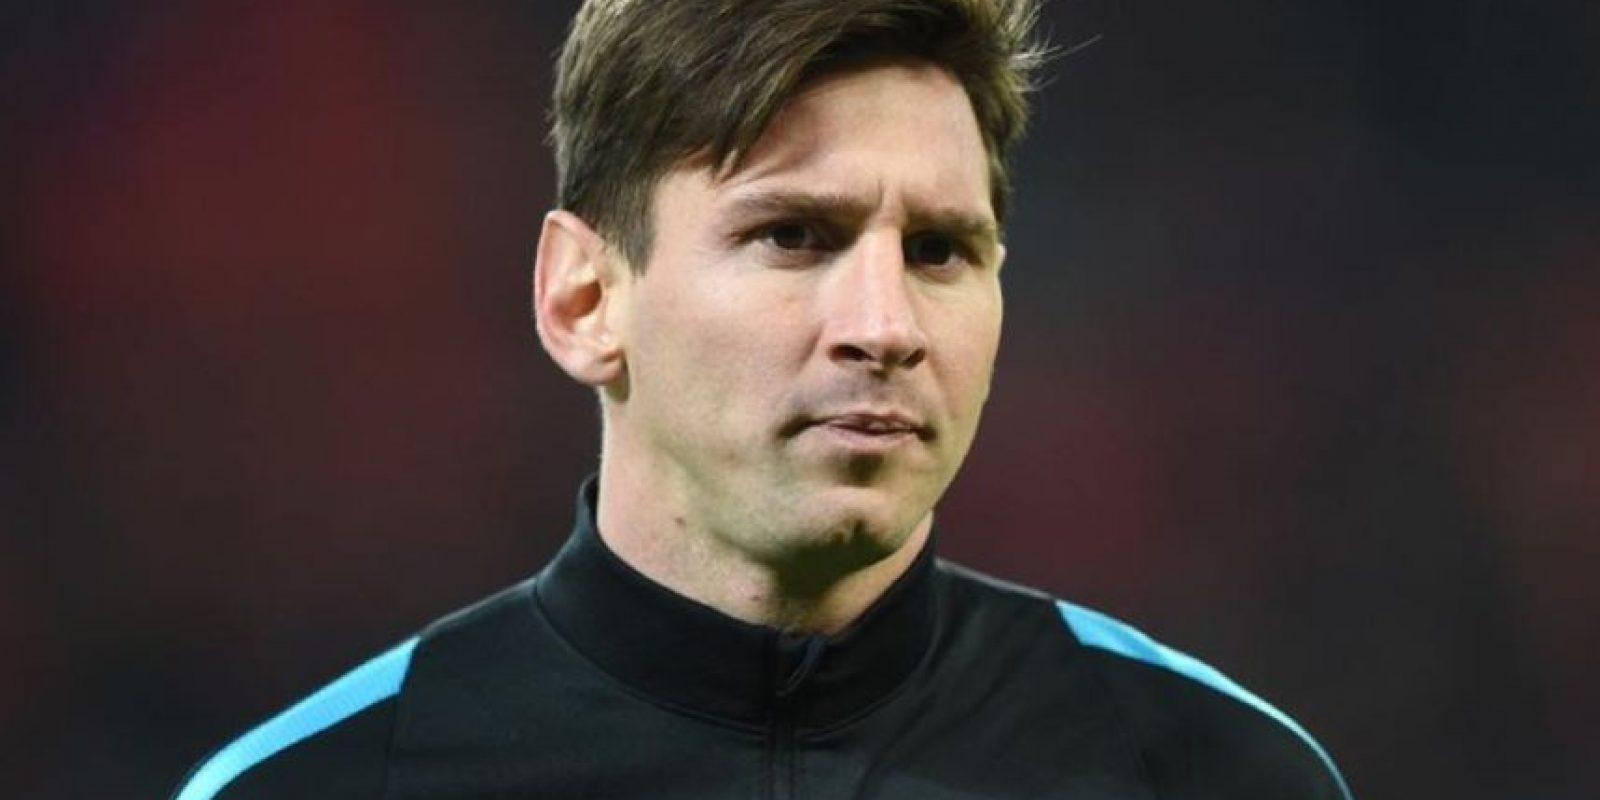 Lionel Messi Foto:Instagram/@leomessi